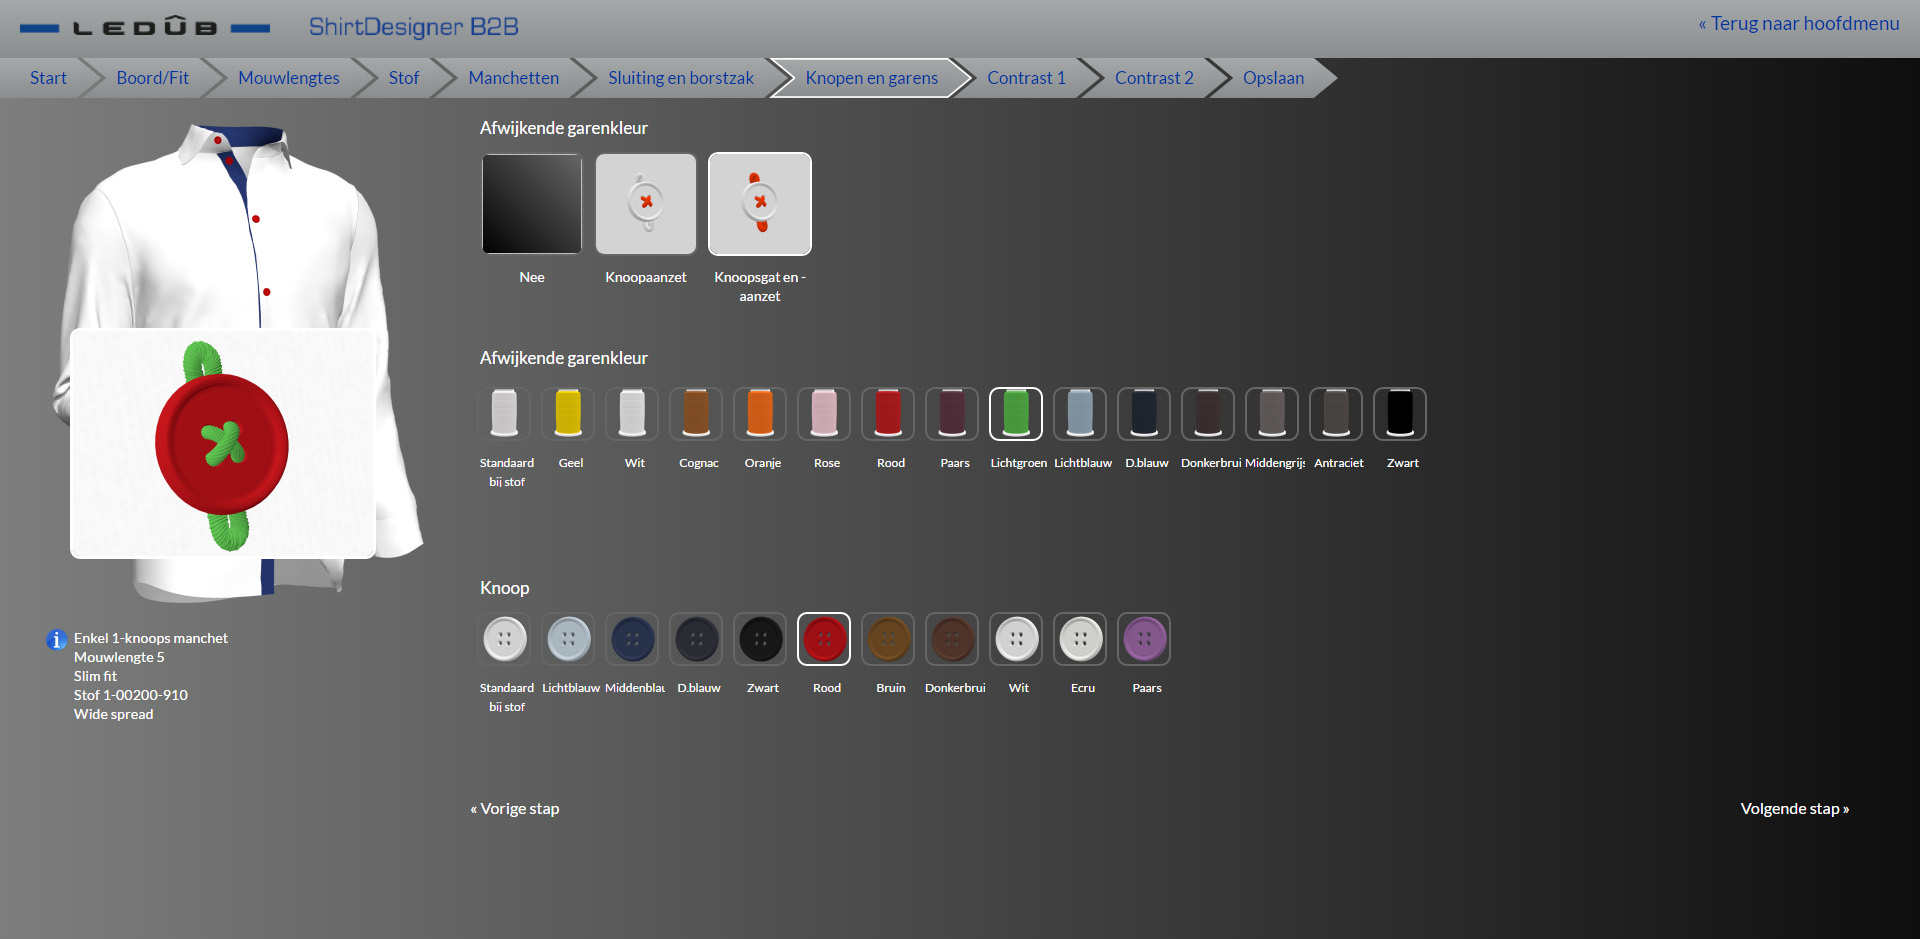 shirtdesigner.jpg